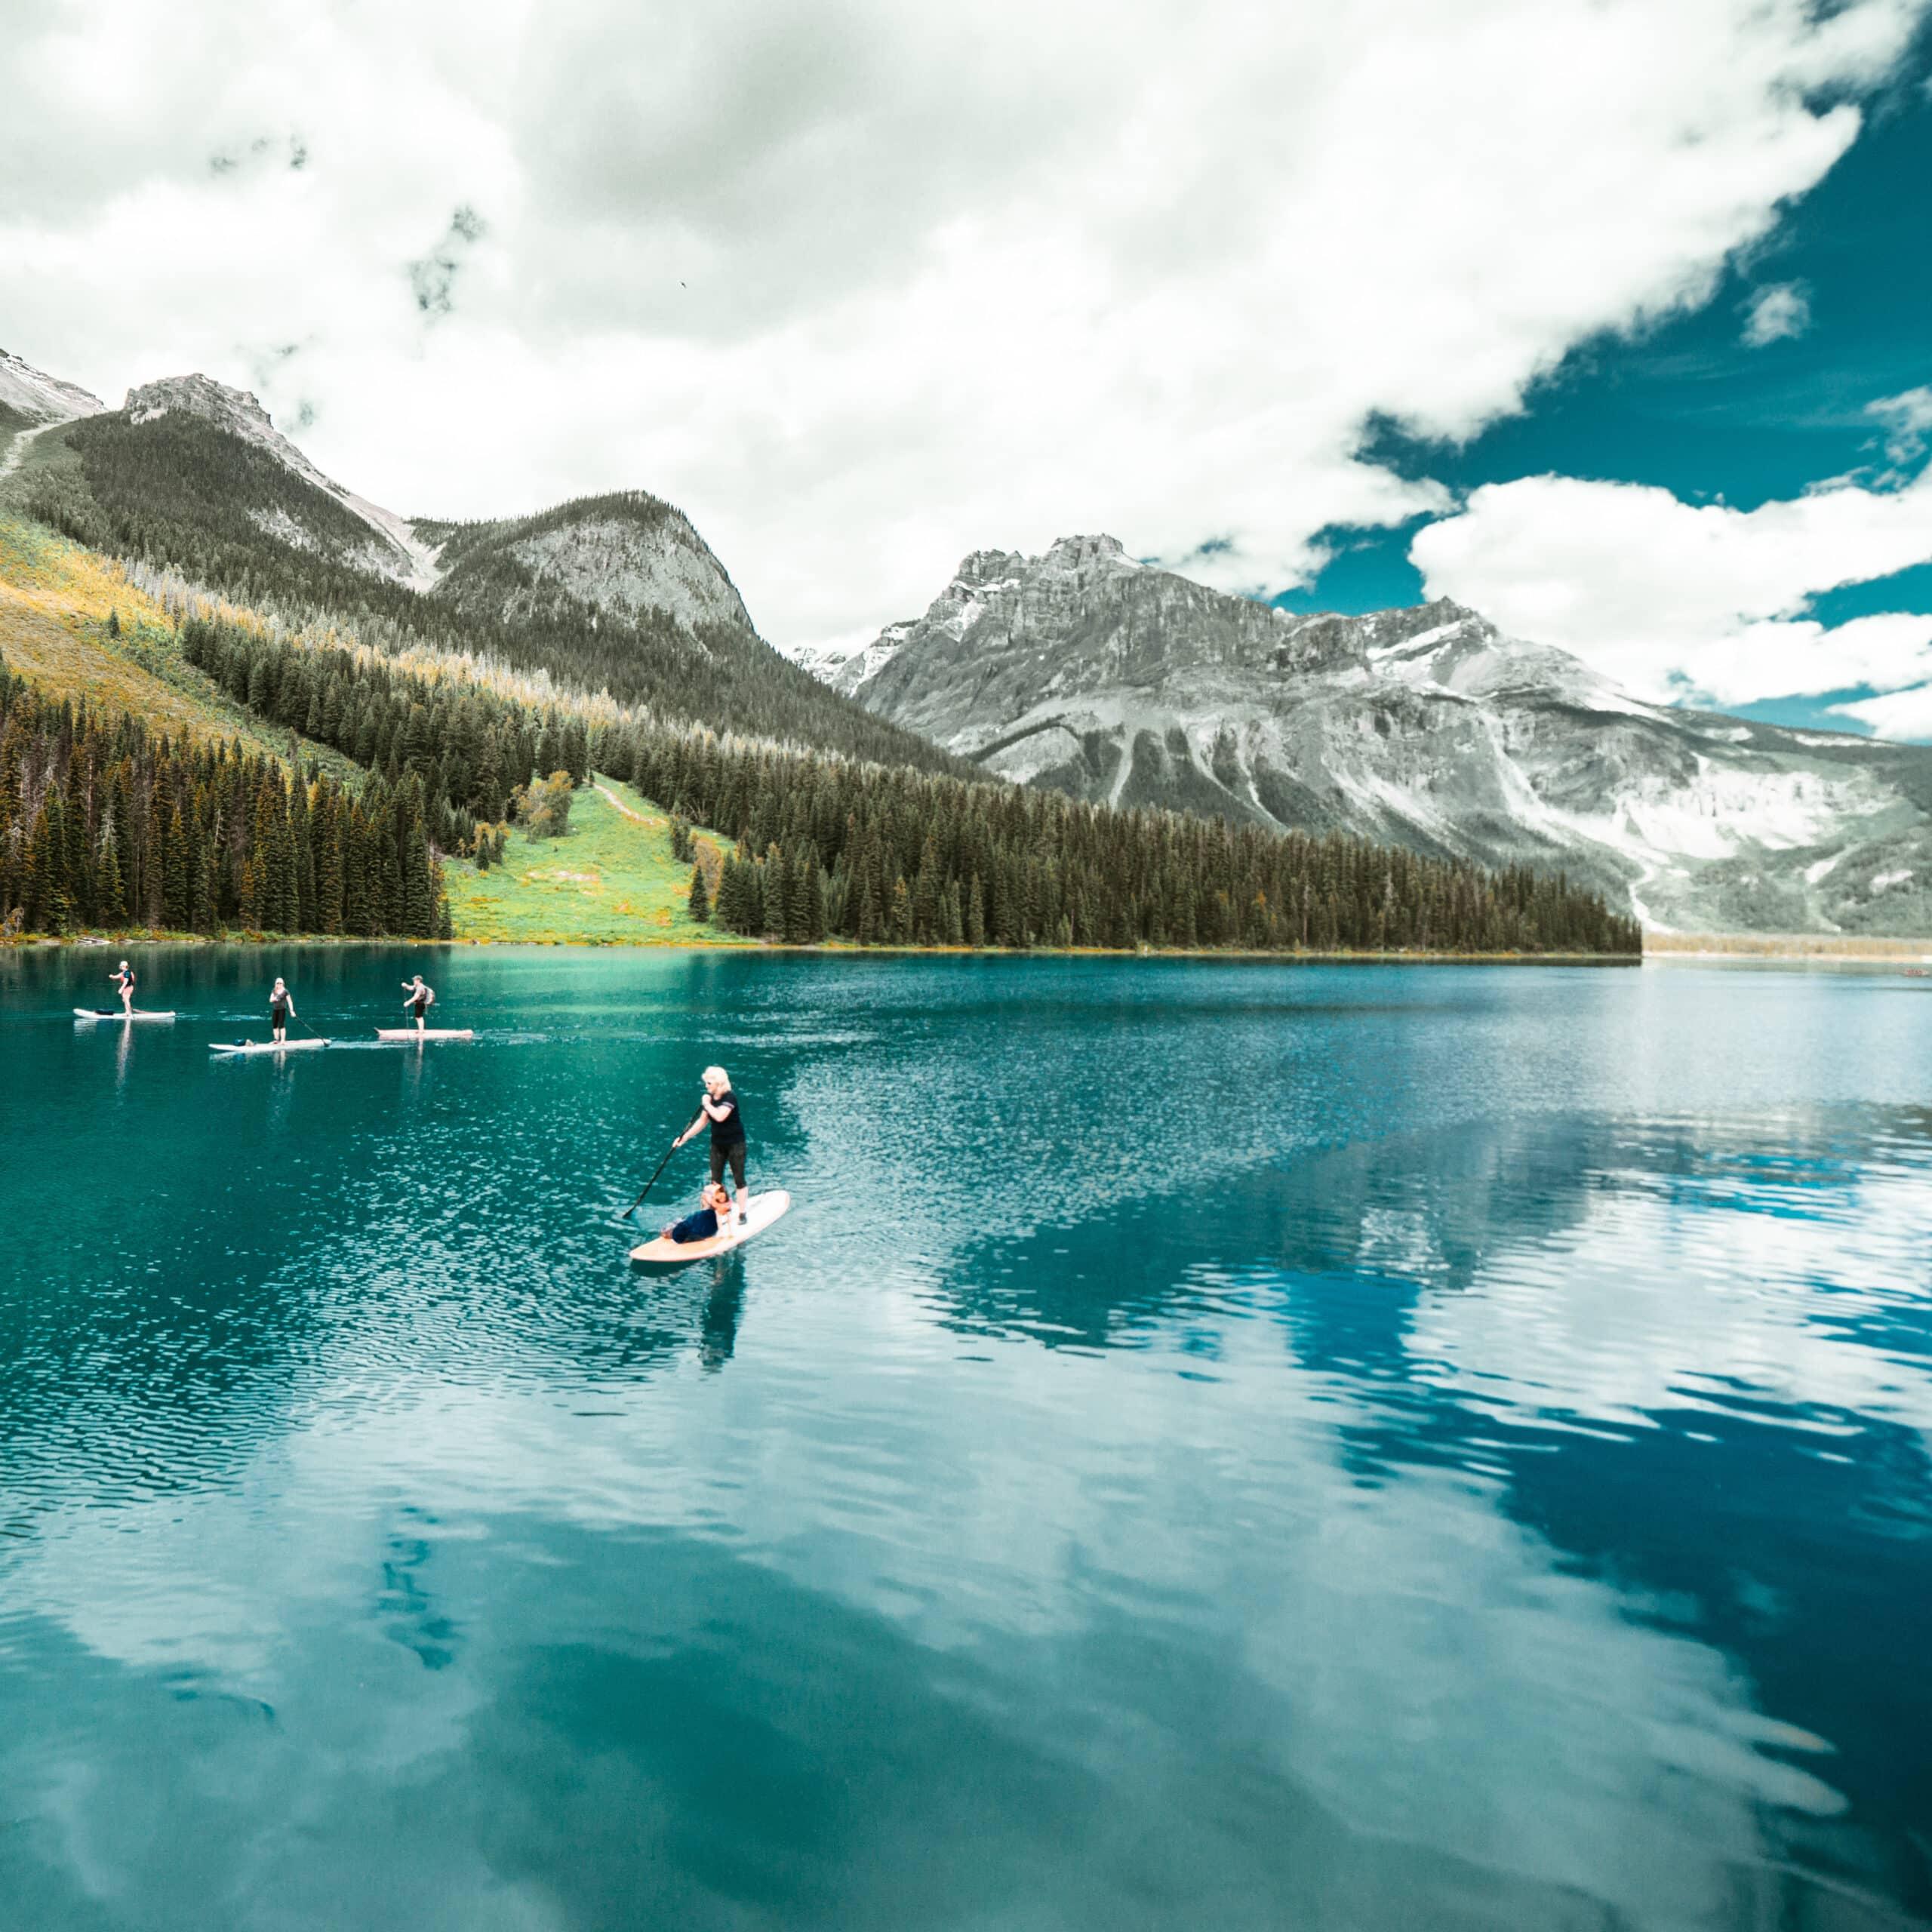 maravilhas naturais de vancouver canada por: Virginia Falanghe